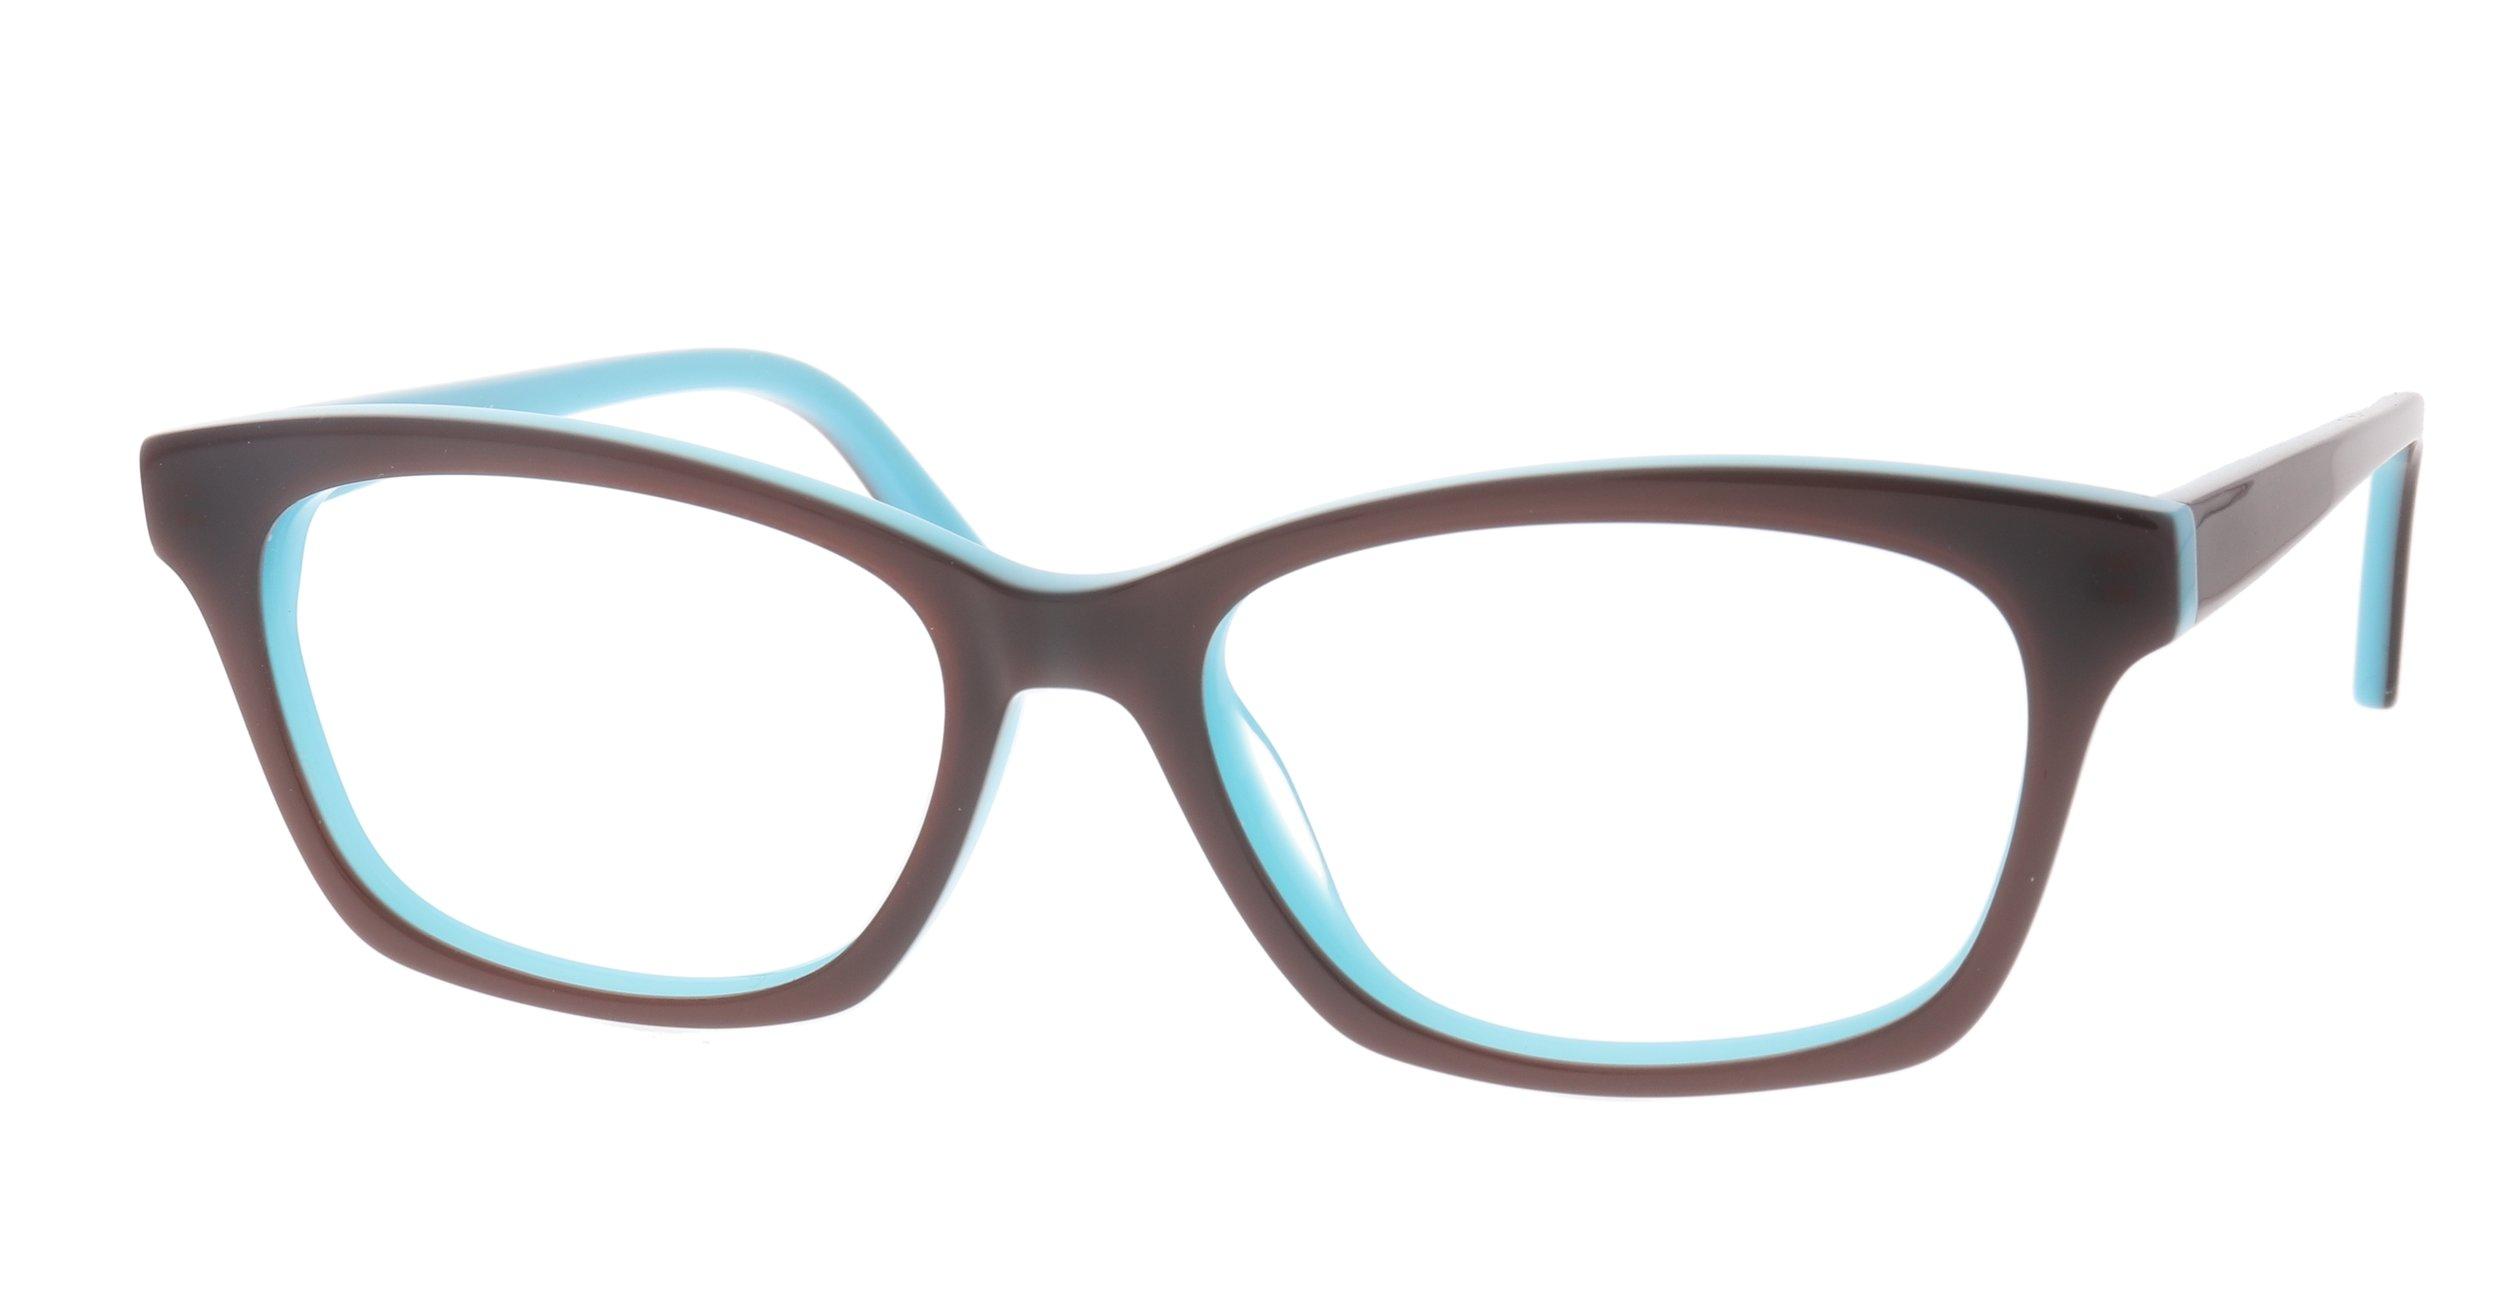 SparePair Eyewear 007.jpg